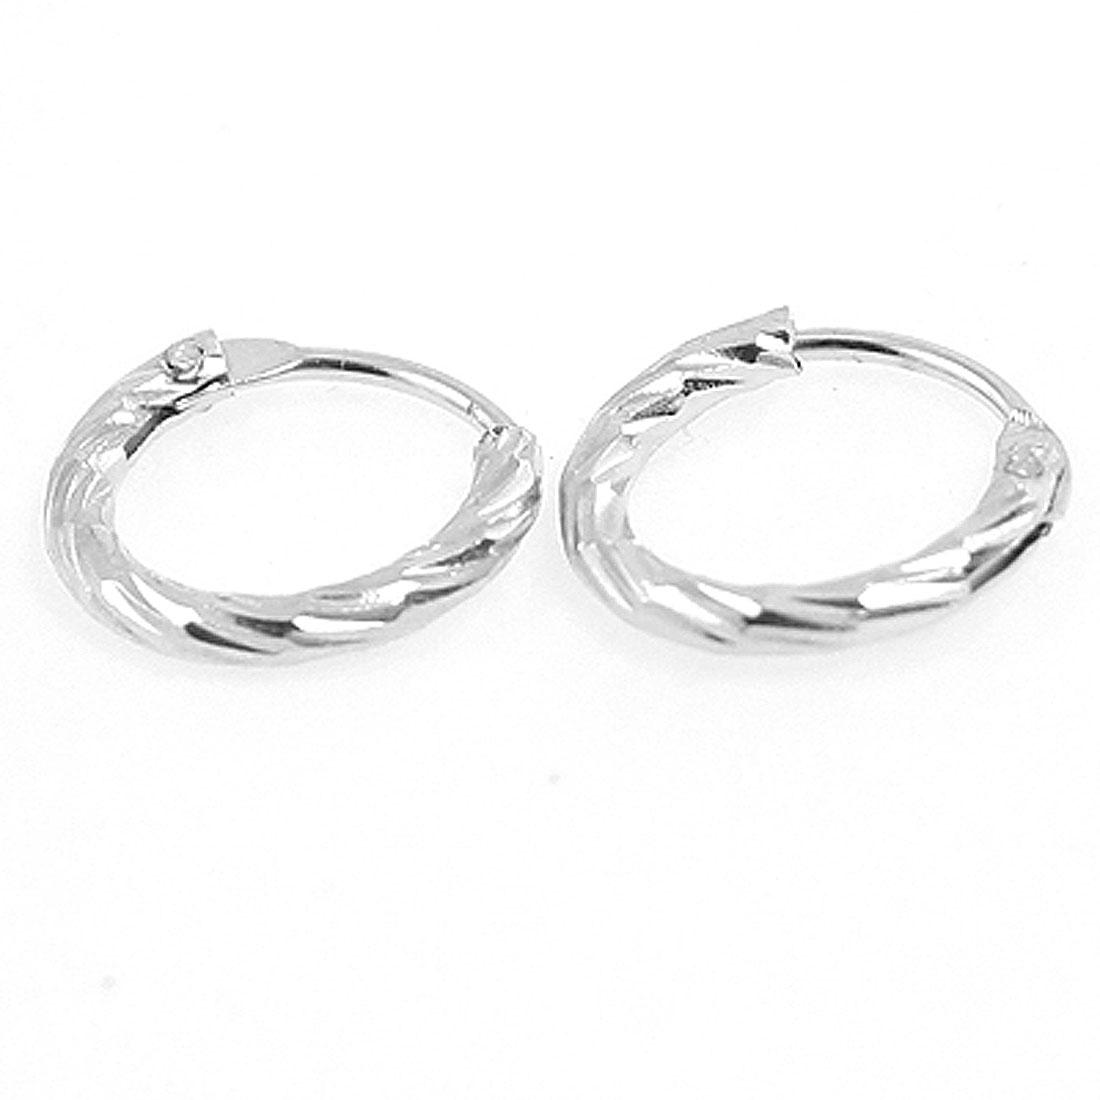 Woman 2 Pairs Silver Tone Metal Mini Hoop Earrings Earbob